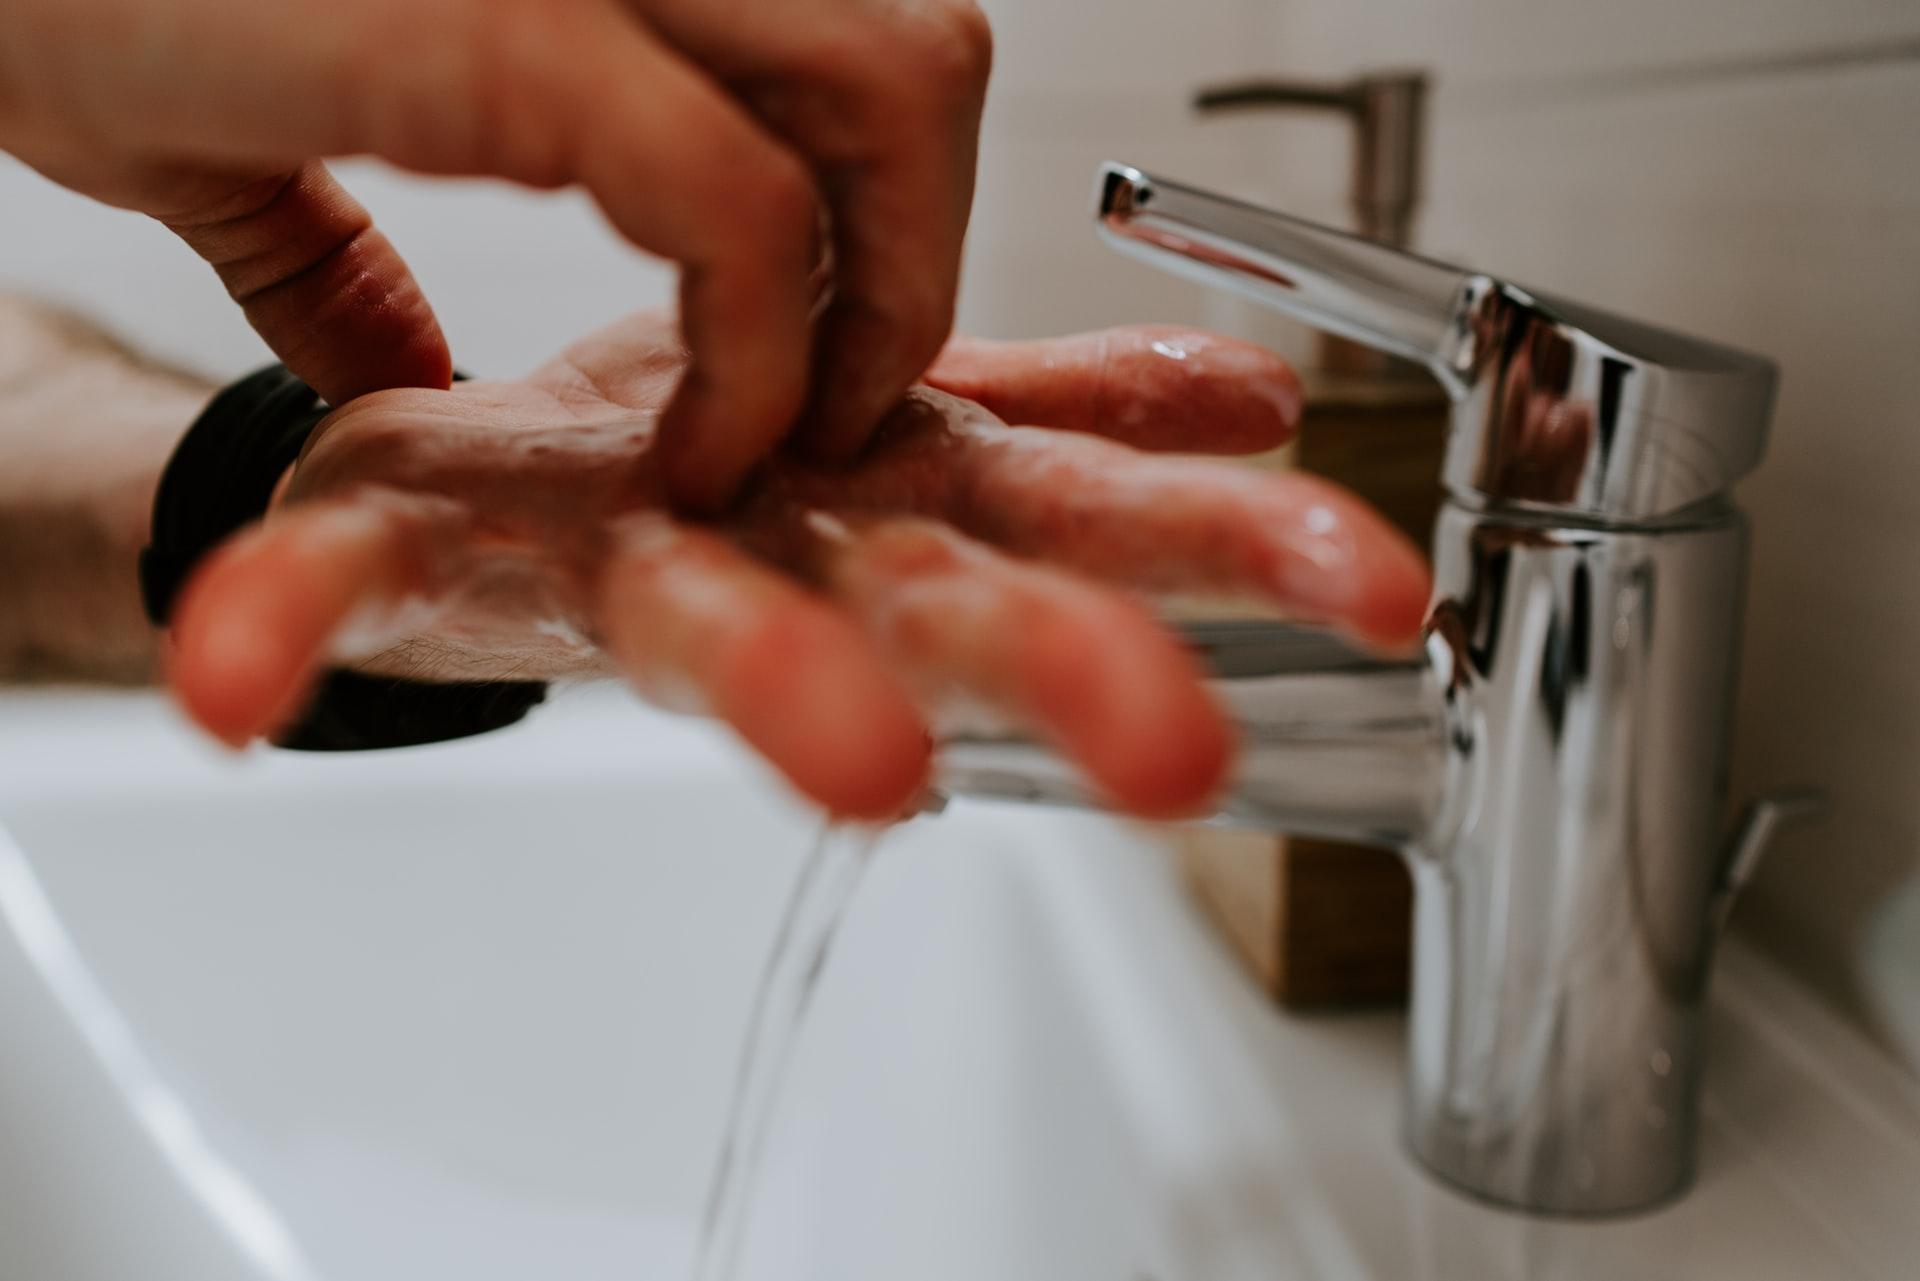 Coronavirus wash your hands